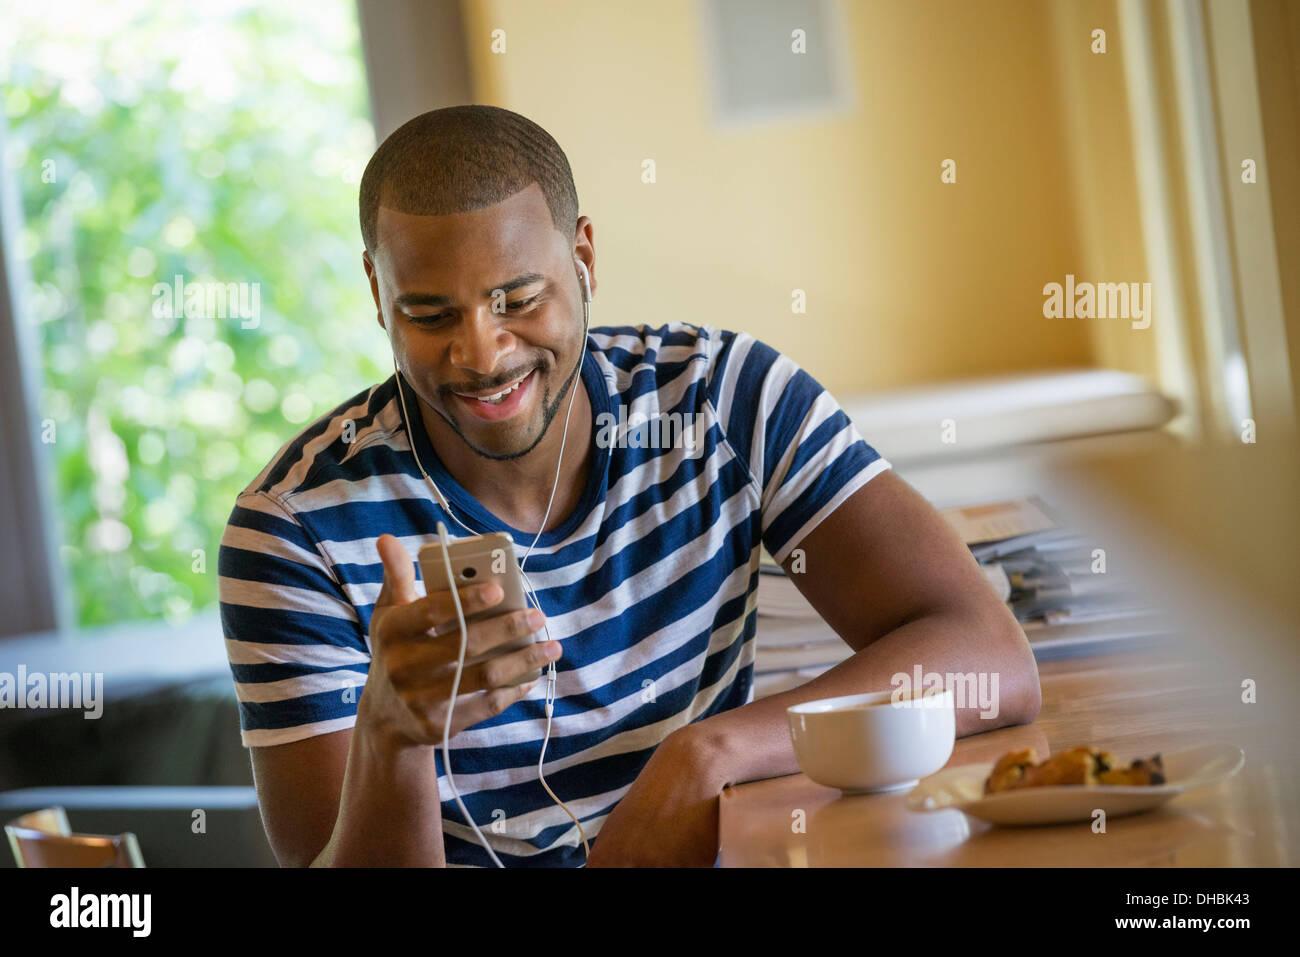 Un homme à l'aide d'un téléphone intelligent, ou lecteur de musique personnel, portant des écouteurs. Photo Stock